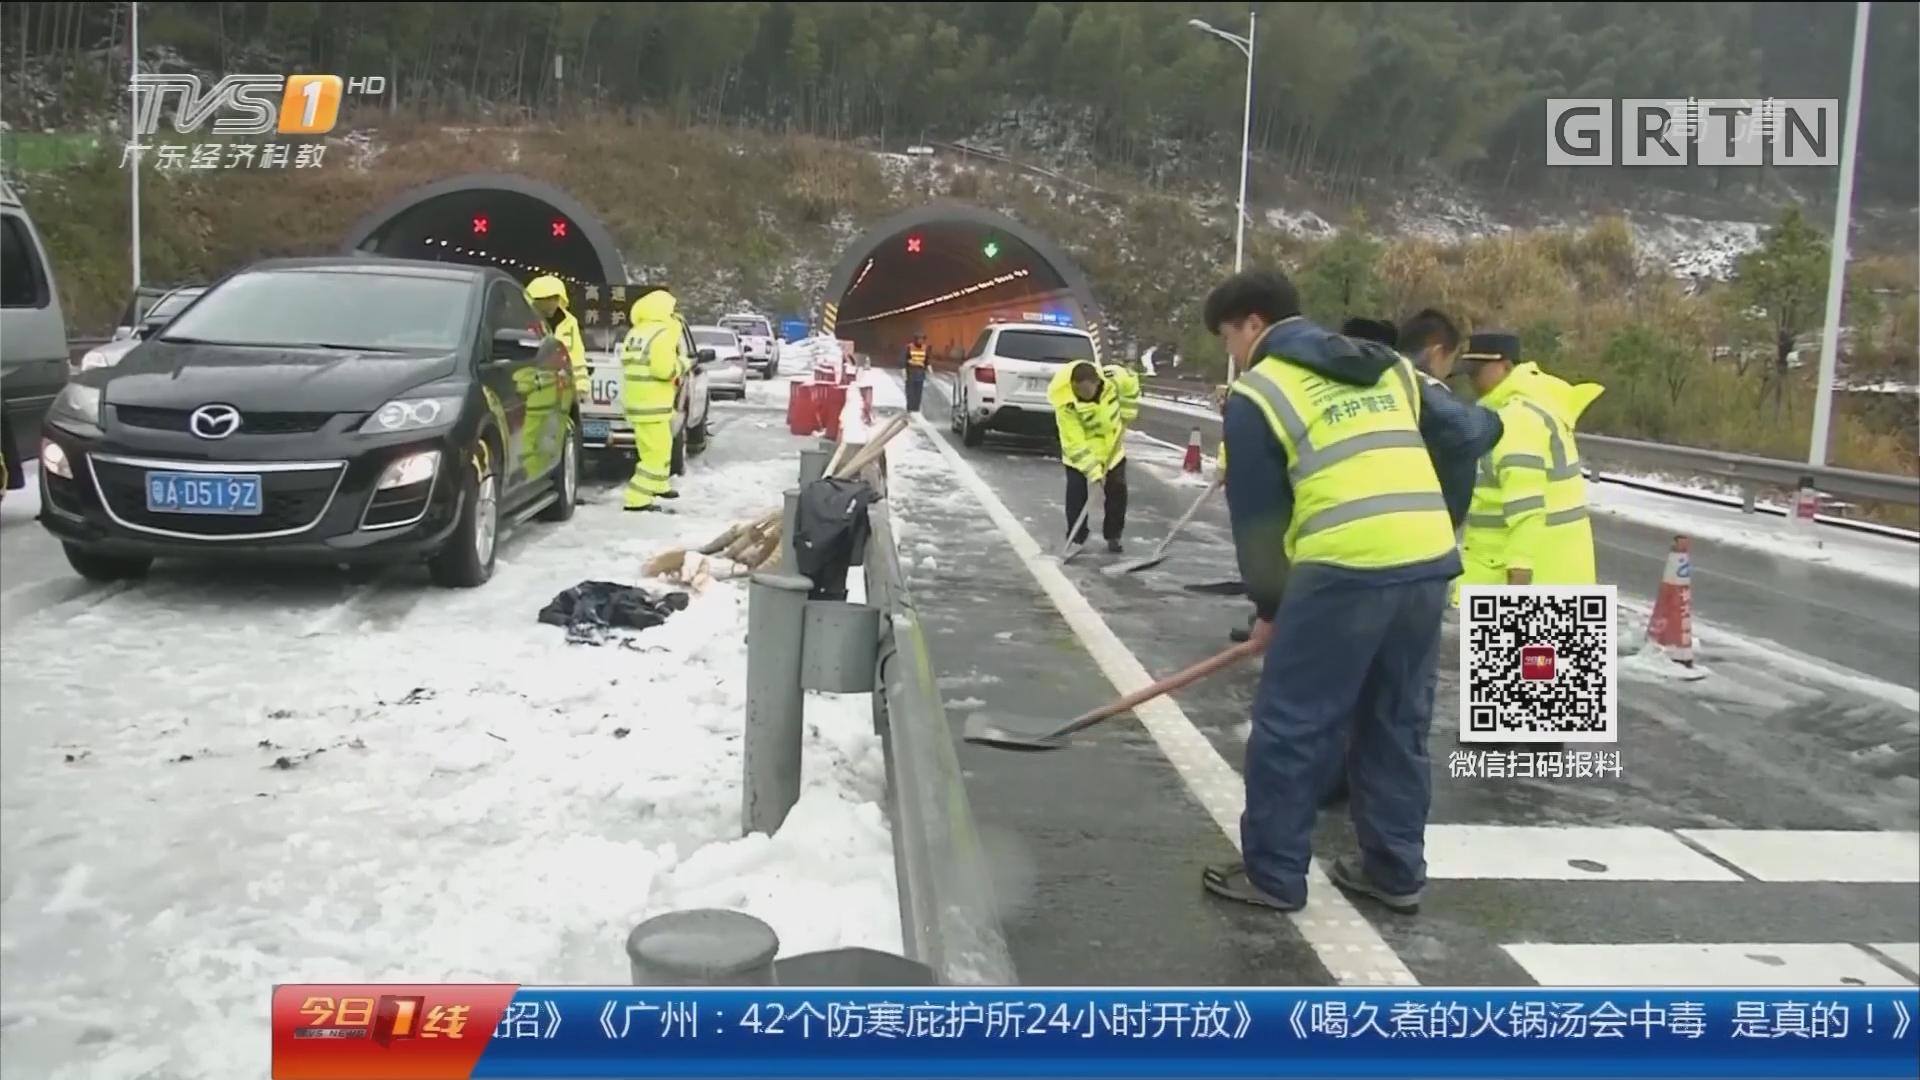 关注寒潮:二广高速 人物特写:寒潮下的风雪护路人